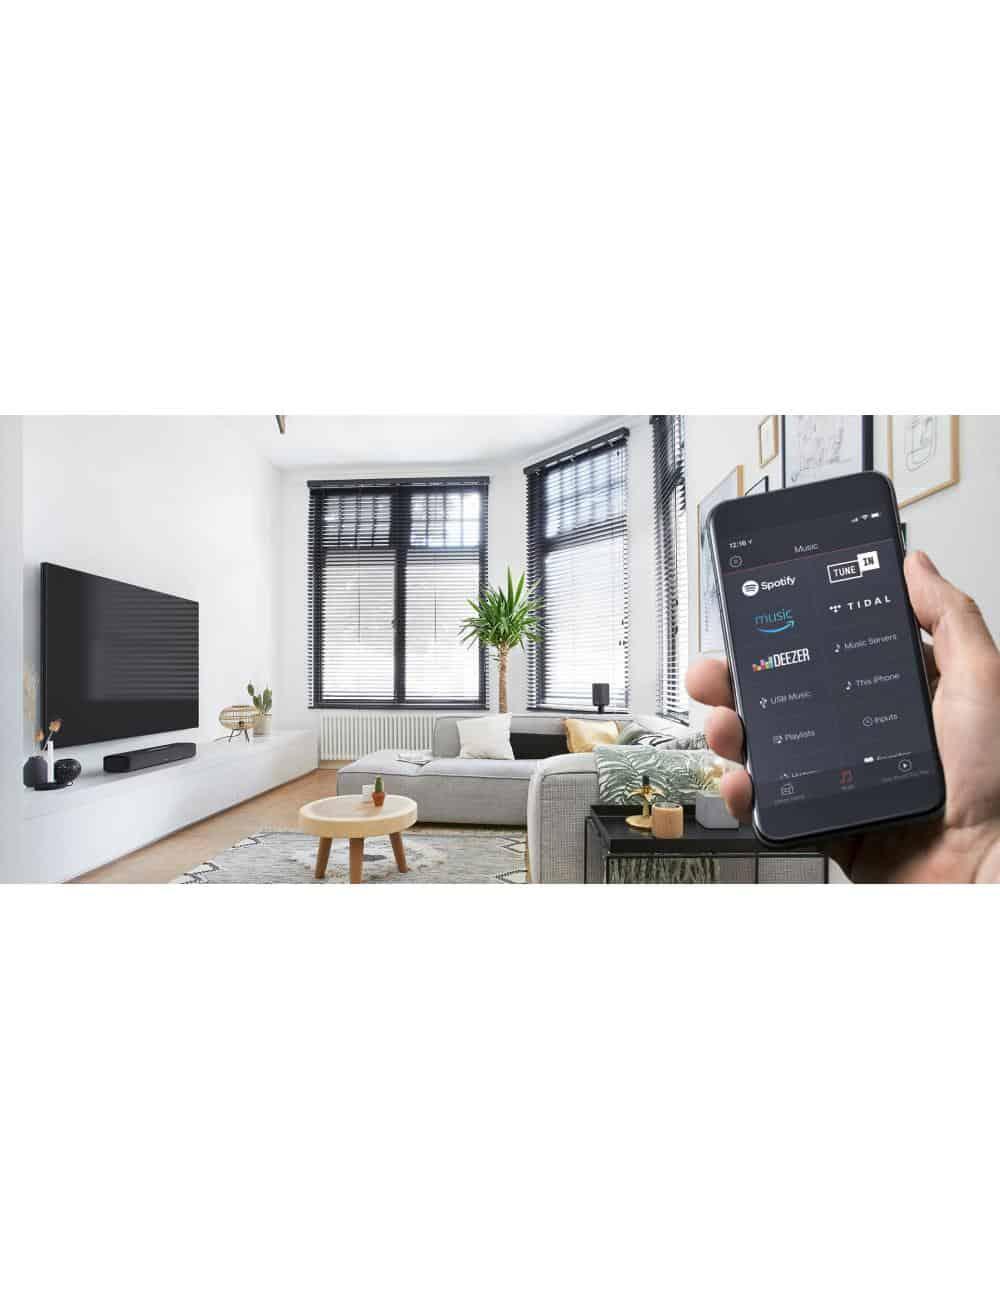 soundbar wireless super compatta, Denon Home Sound Bar 550, Dolby ATMOS e DTS: X, Heos, Bluetooth, controllo via app